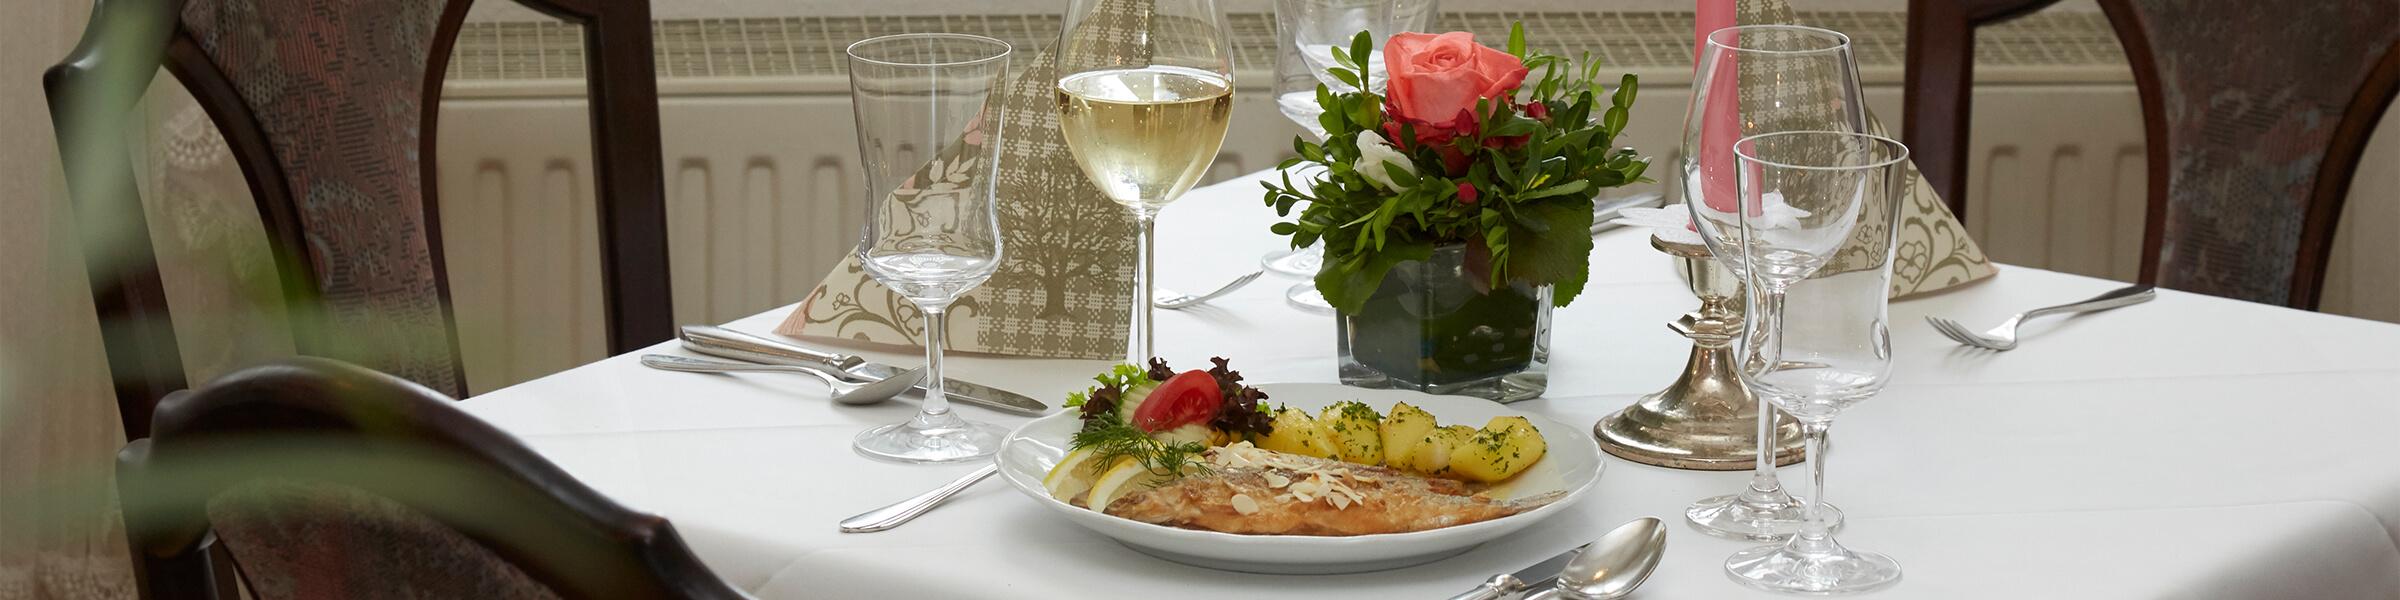 Restaurant Deutsches Haus Arendsee